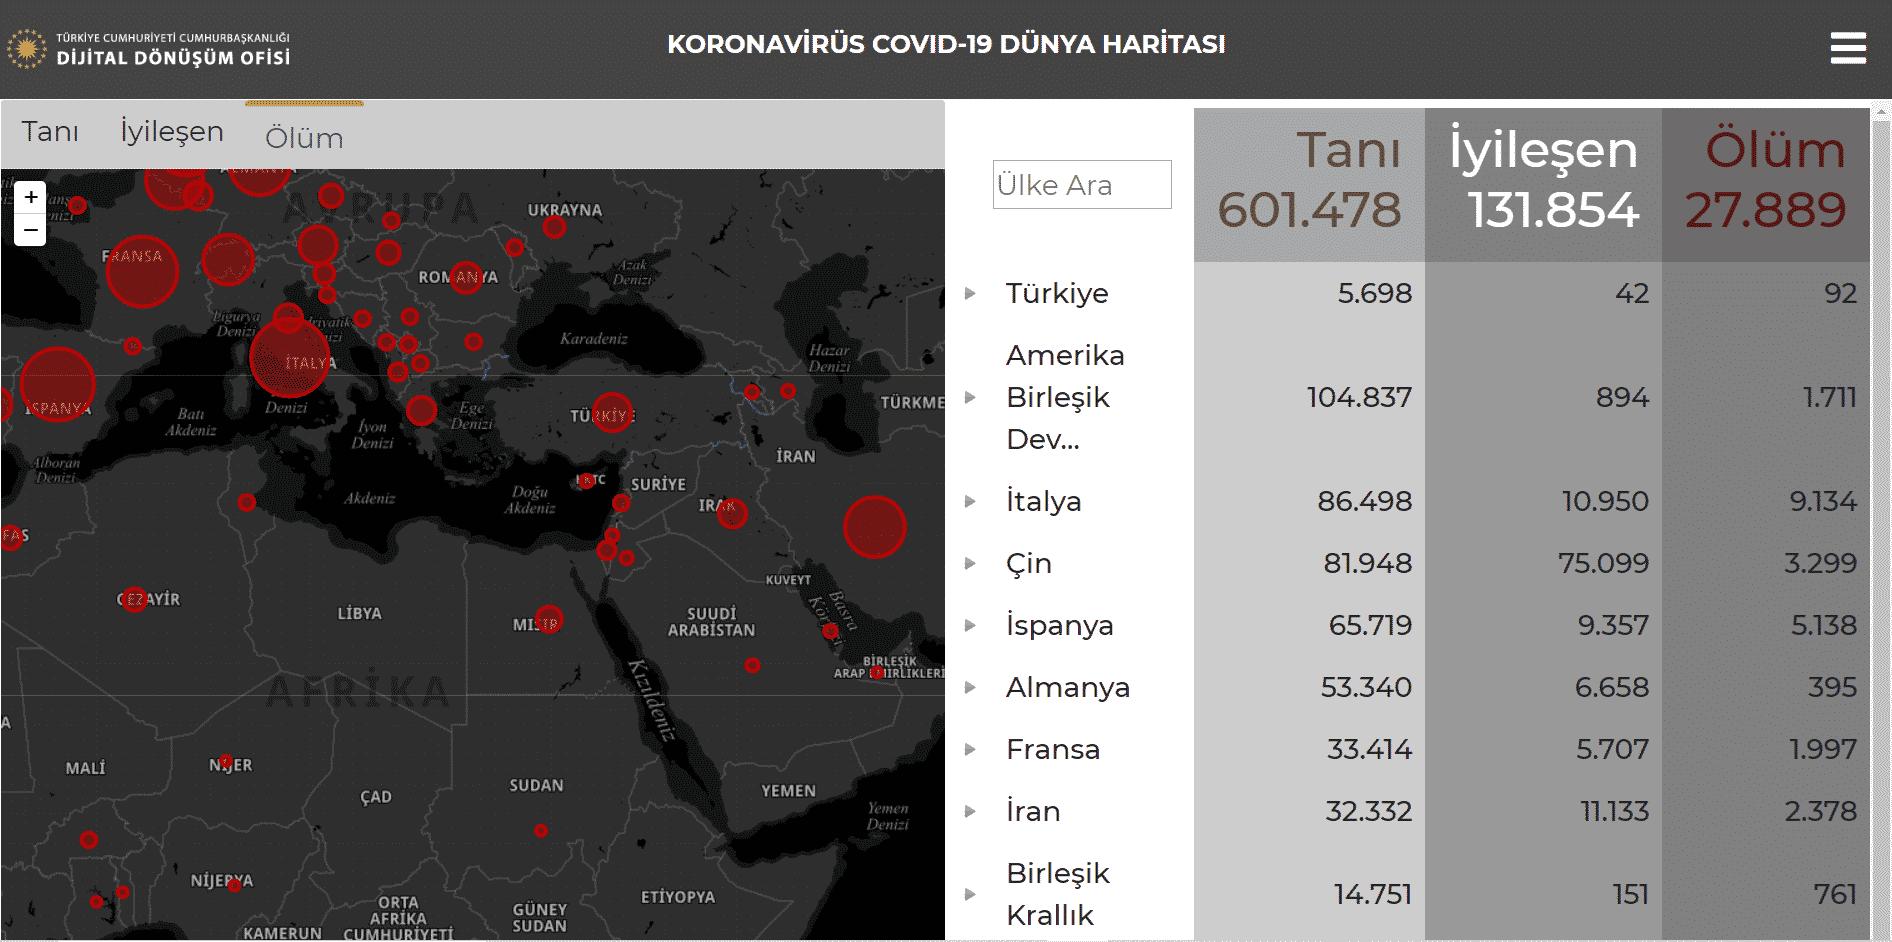 cumhurbaşkanlığı koronavirüs sitesi